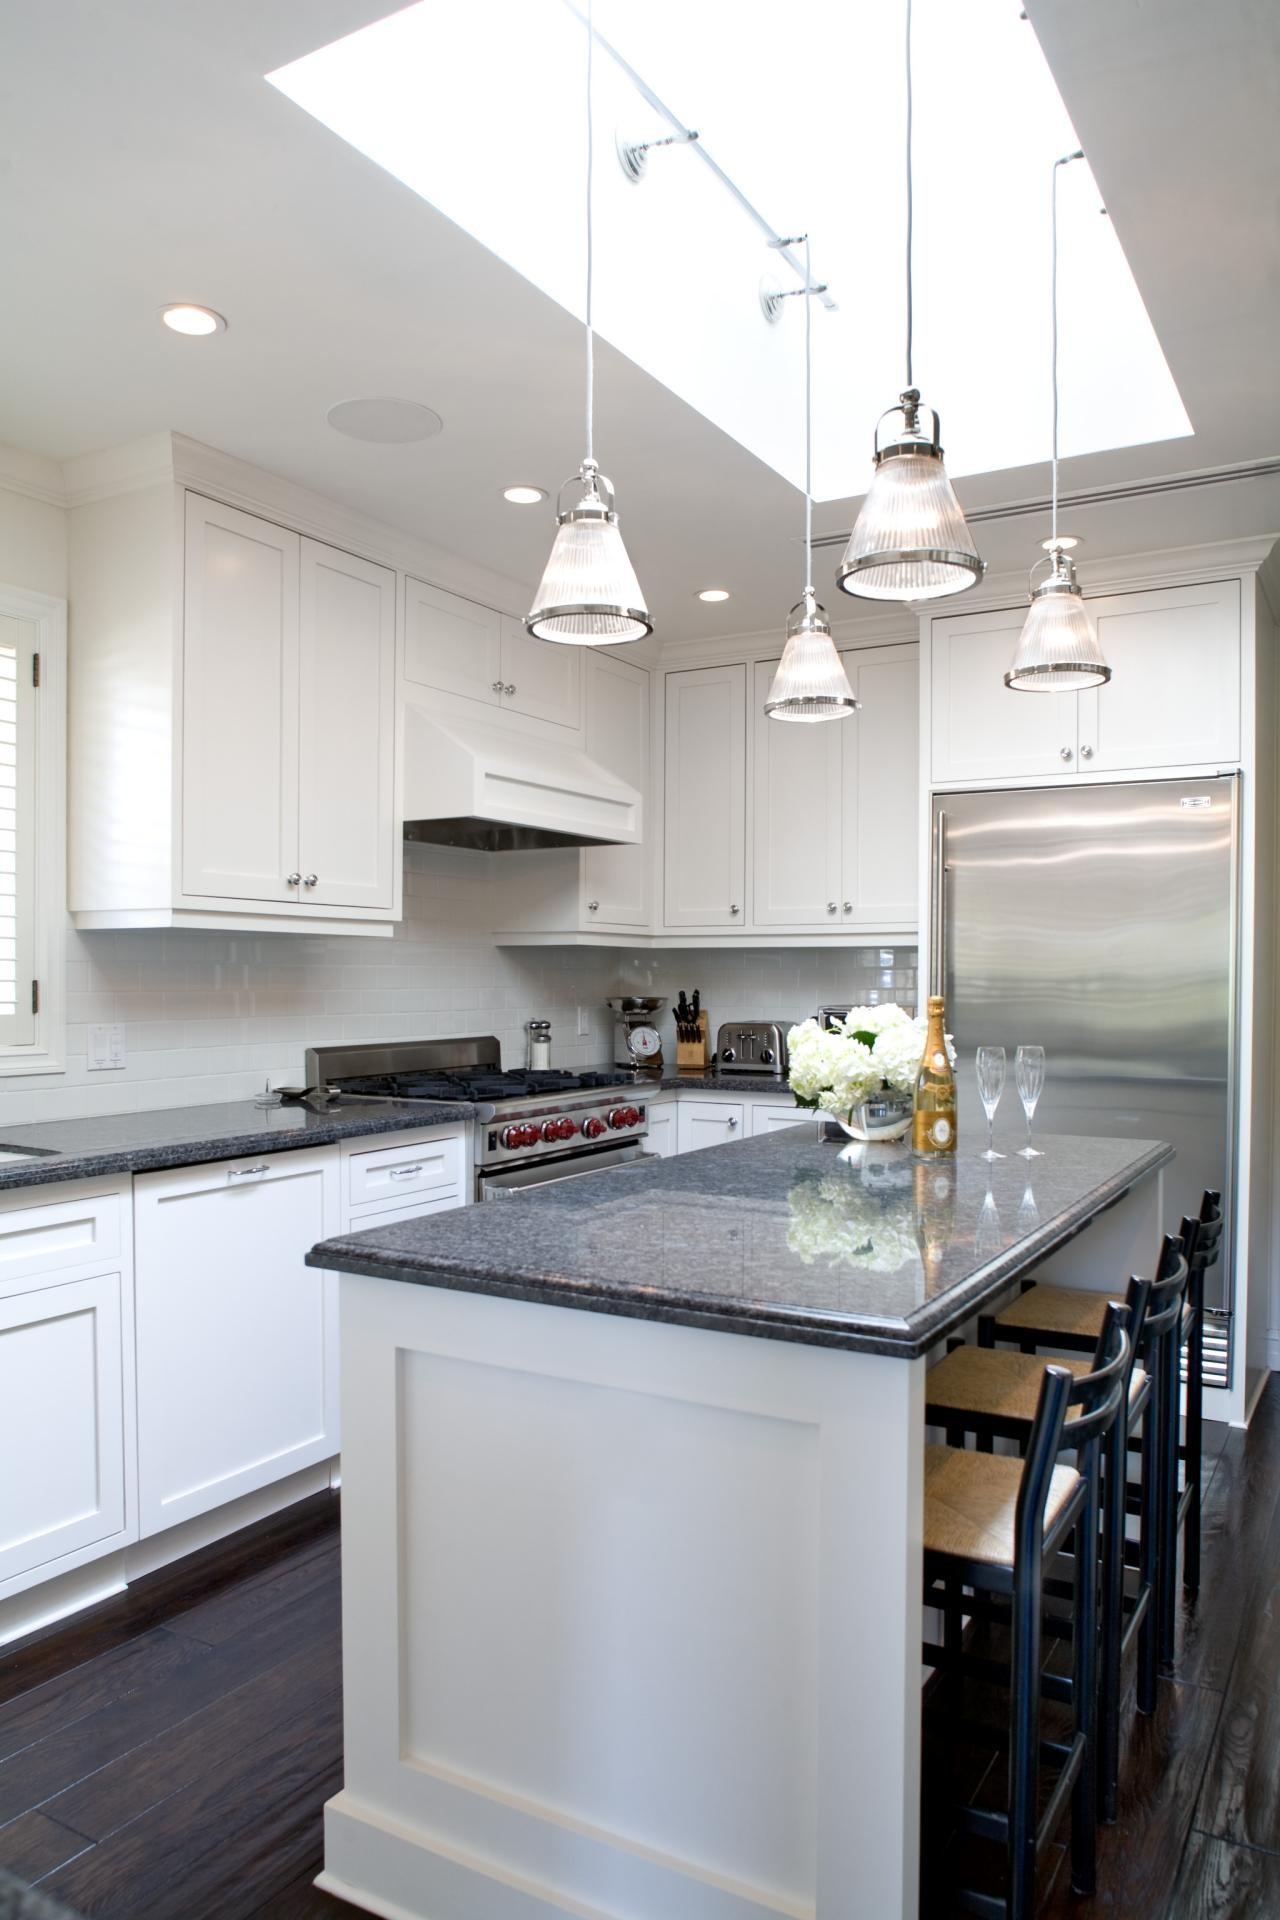 Impressive Skylight Kitchen Of Next A Ideas Acnn Decor